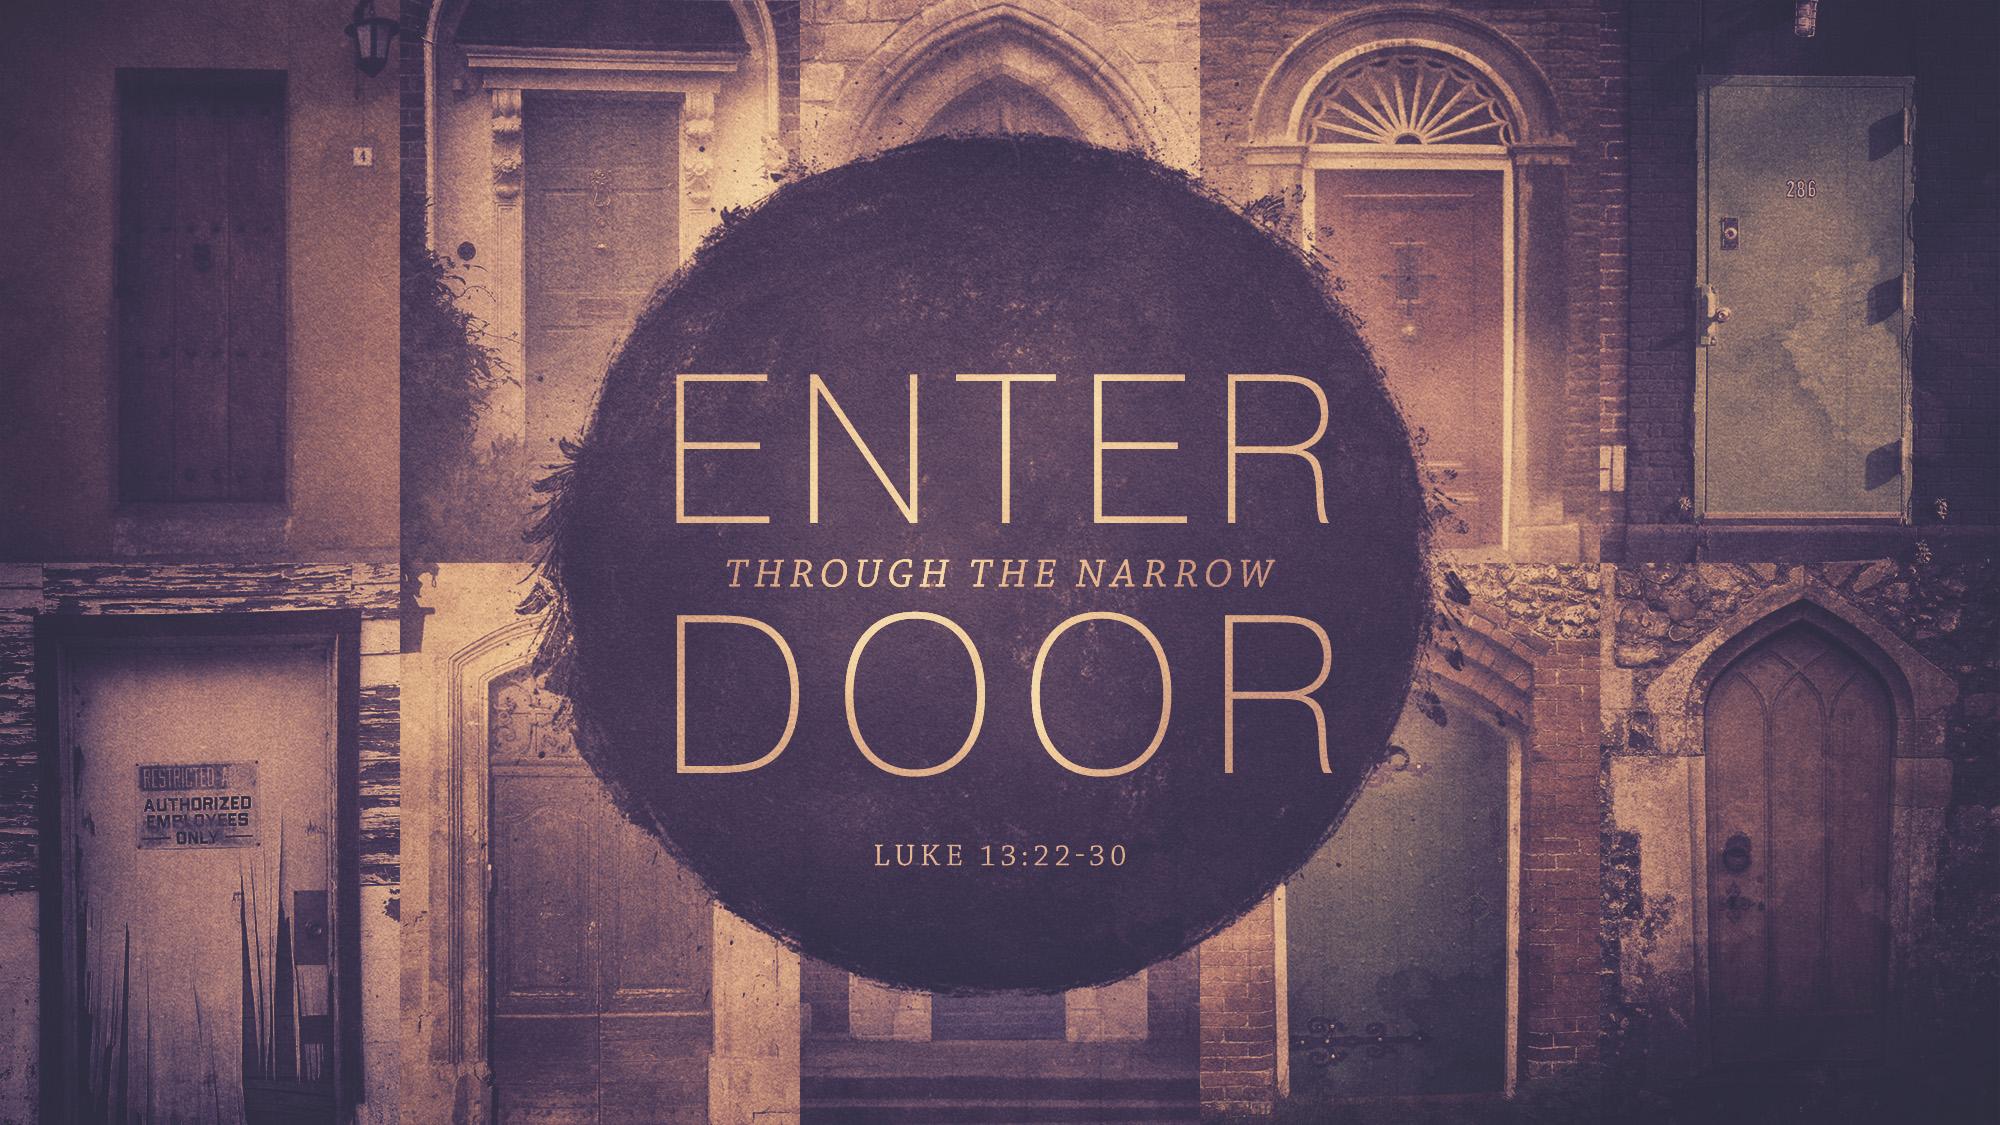 ENTER THROUGH THE NARROW DOOR_t.jpg